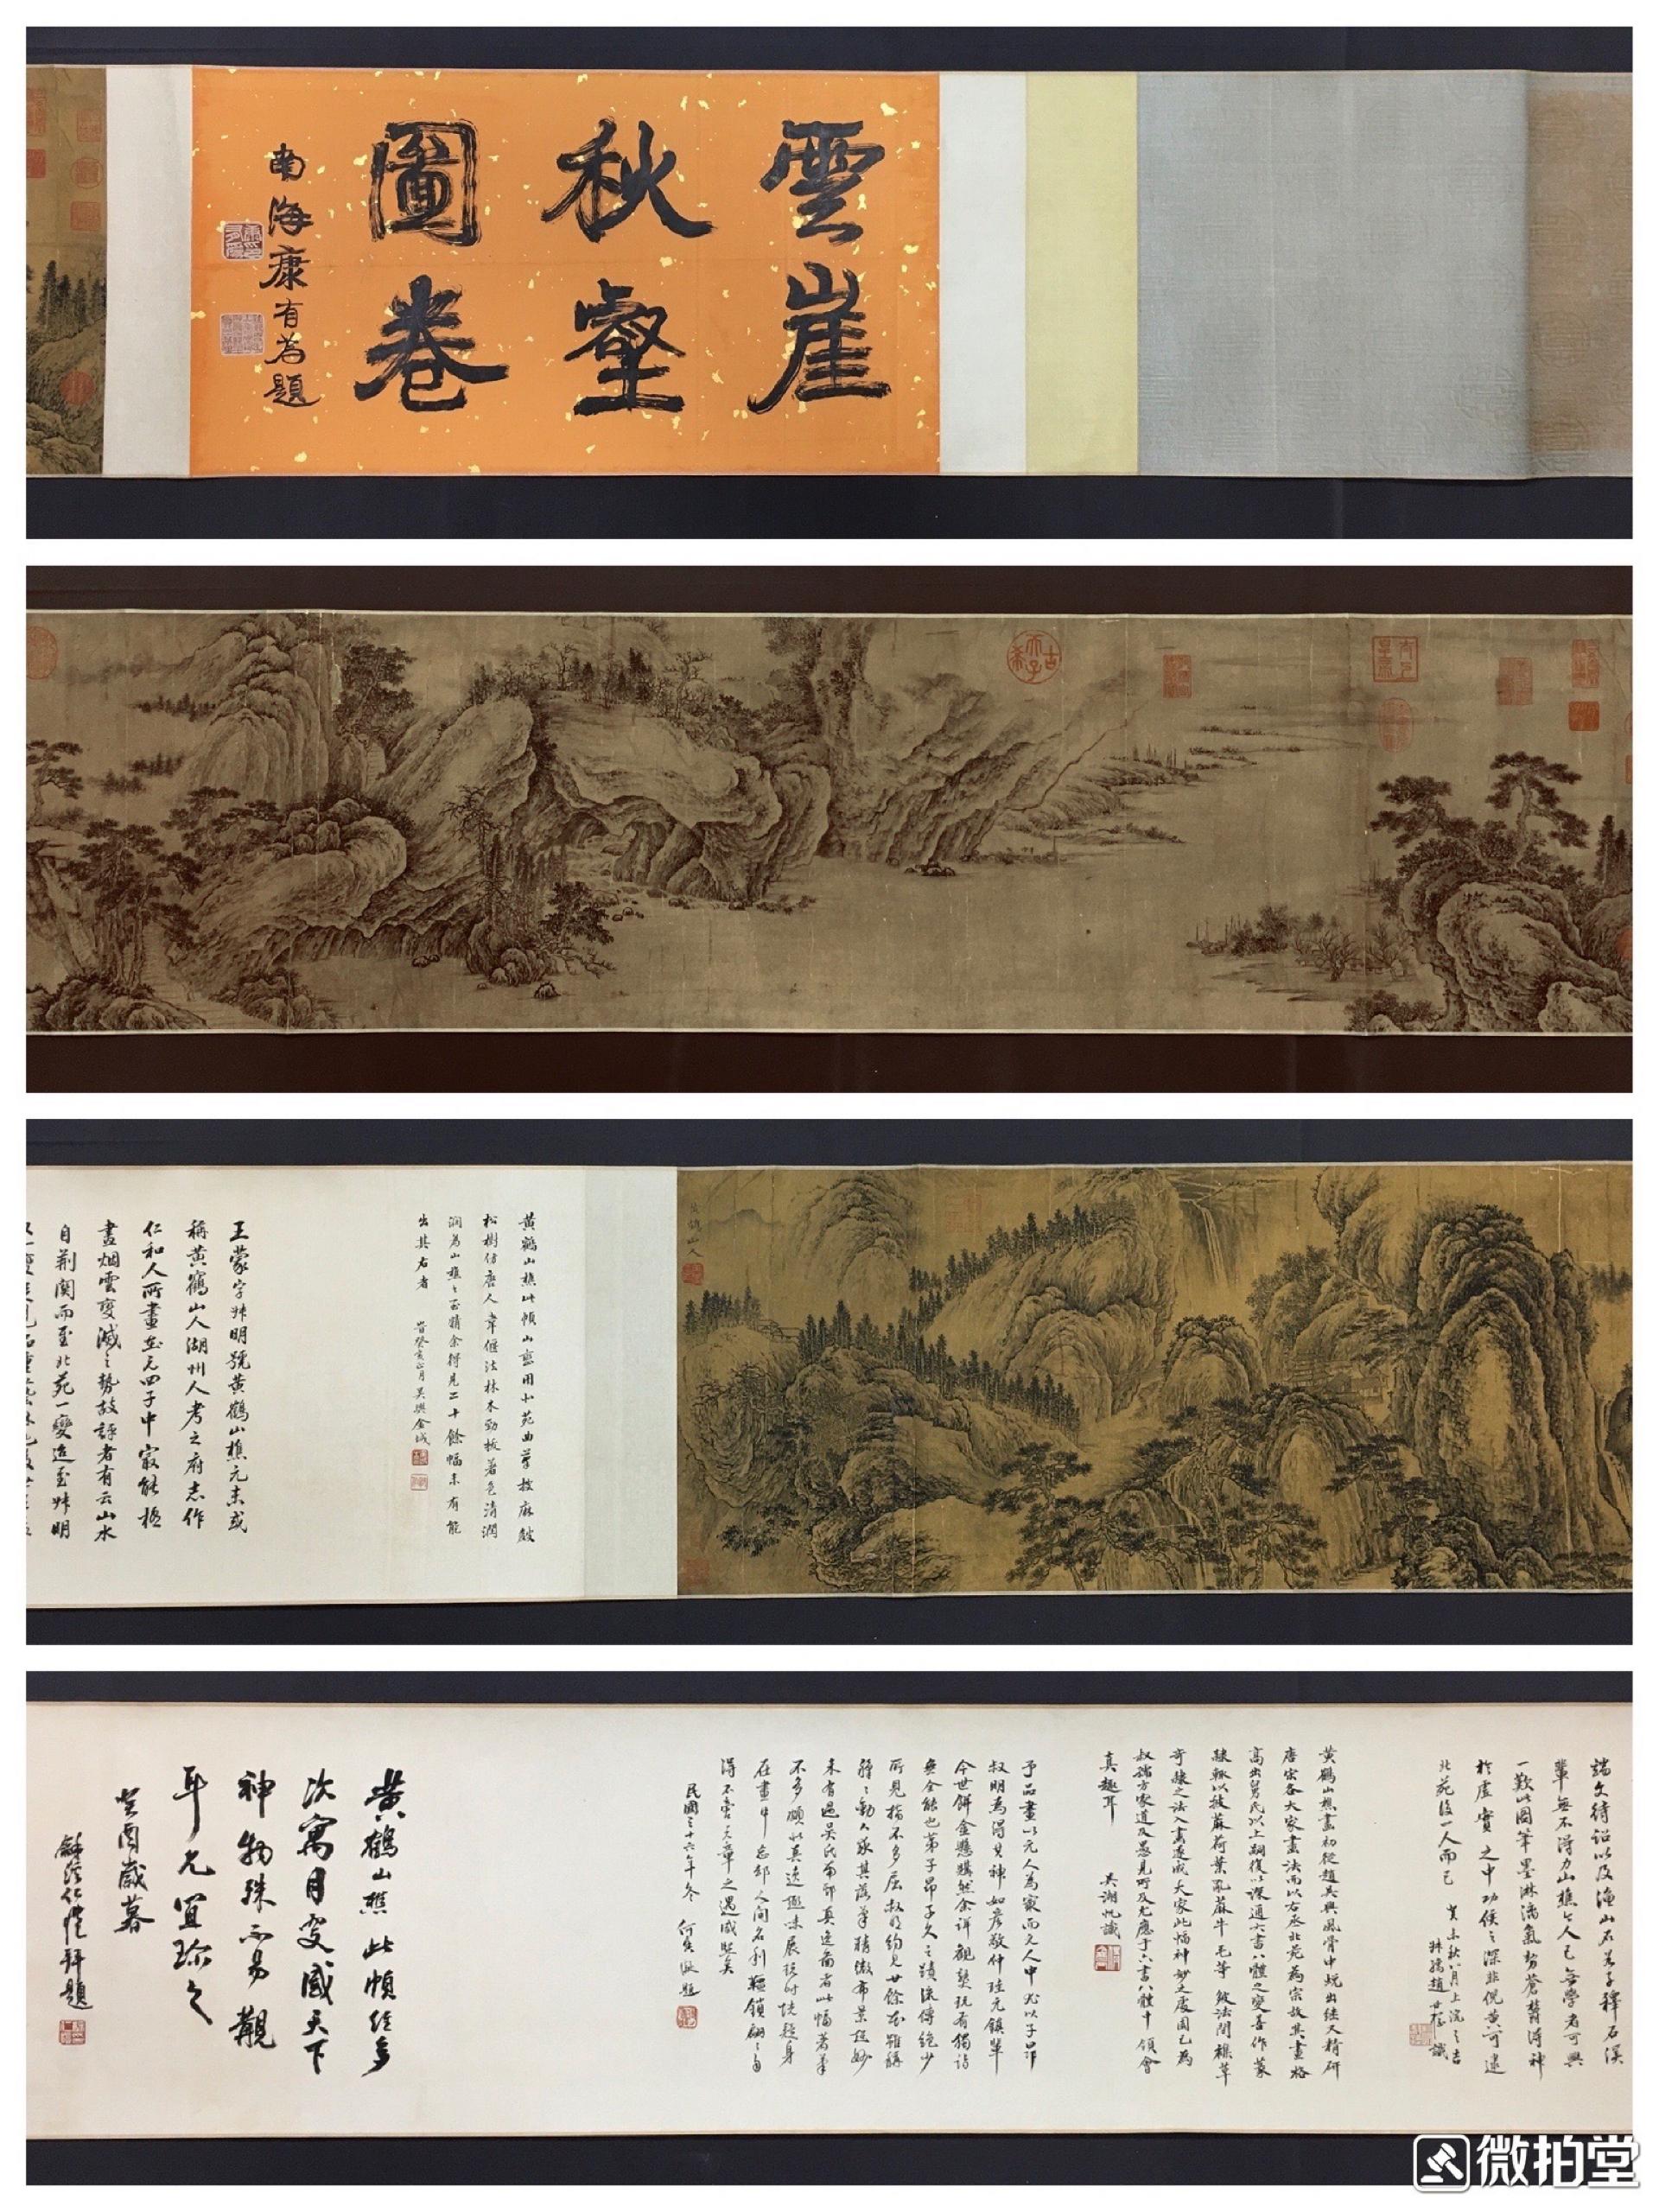 王蒙 山水绢本手卷